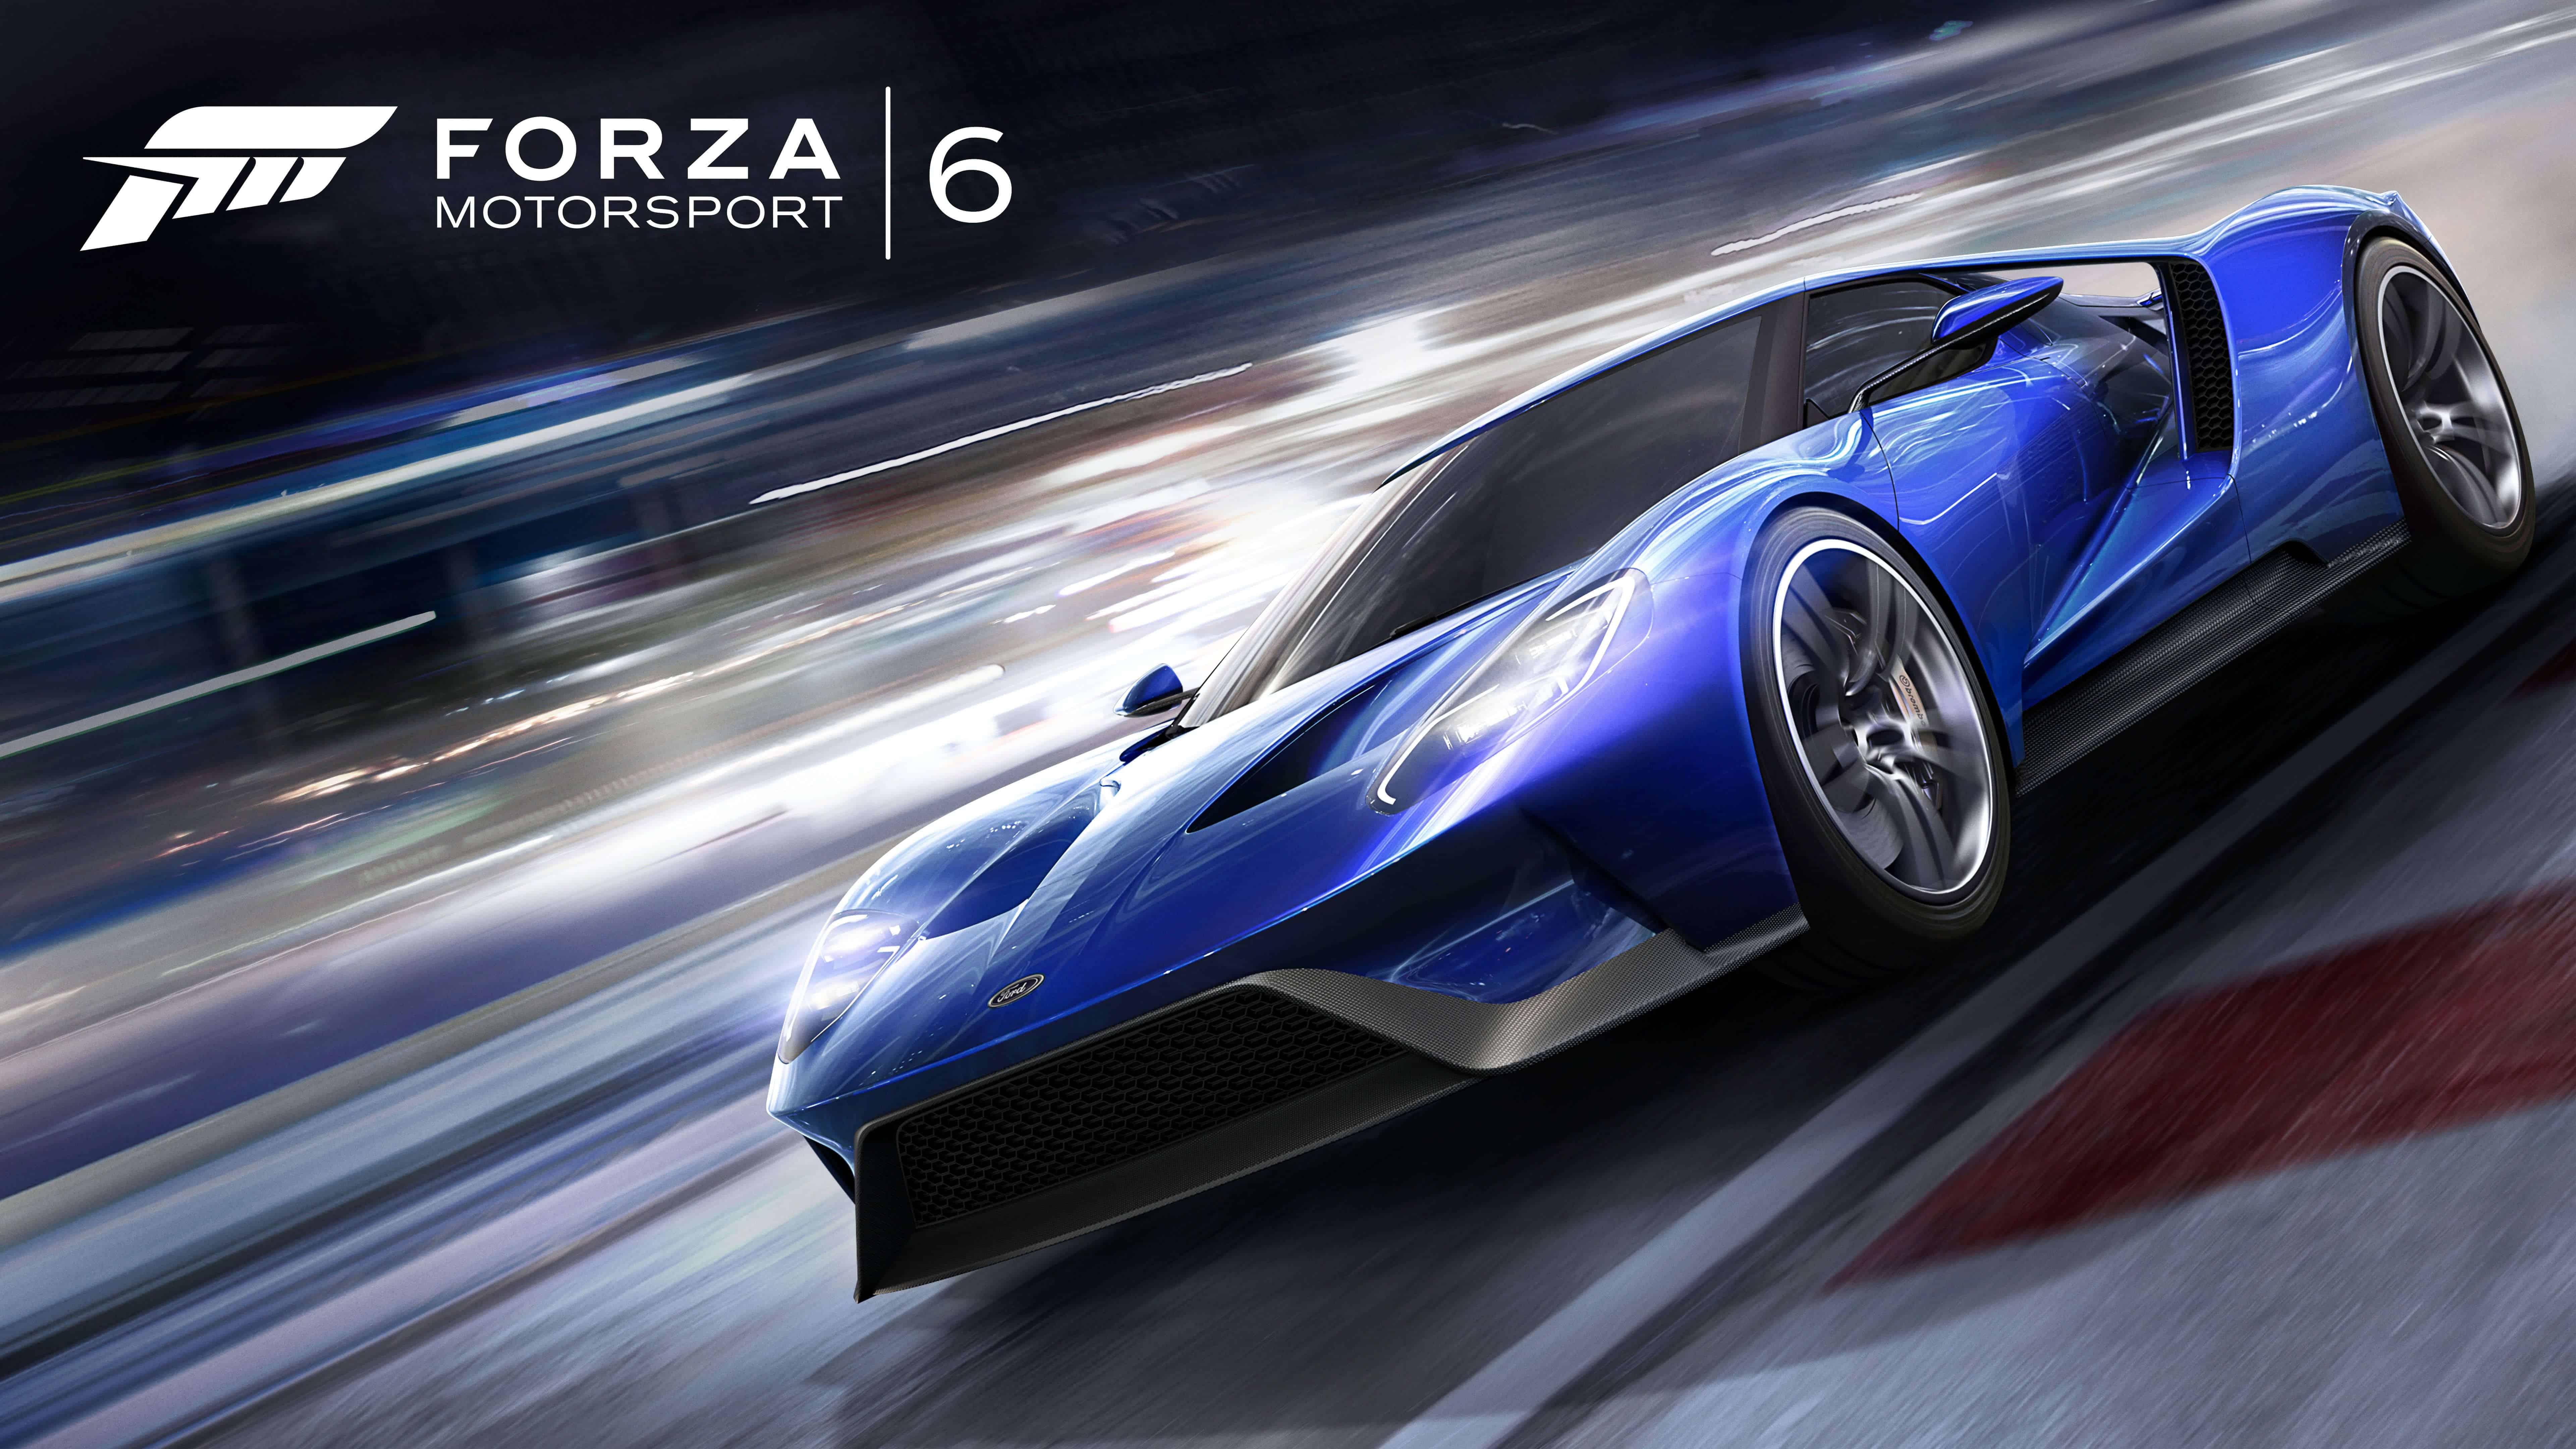 forza motorsport 6 ford gt uhd 8k wallpaper